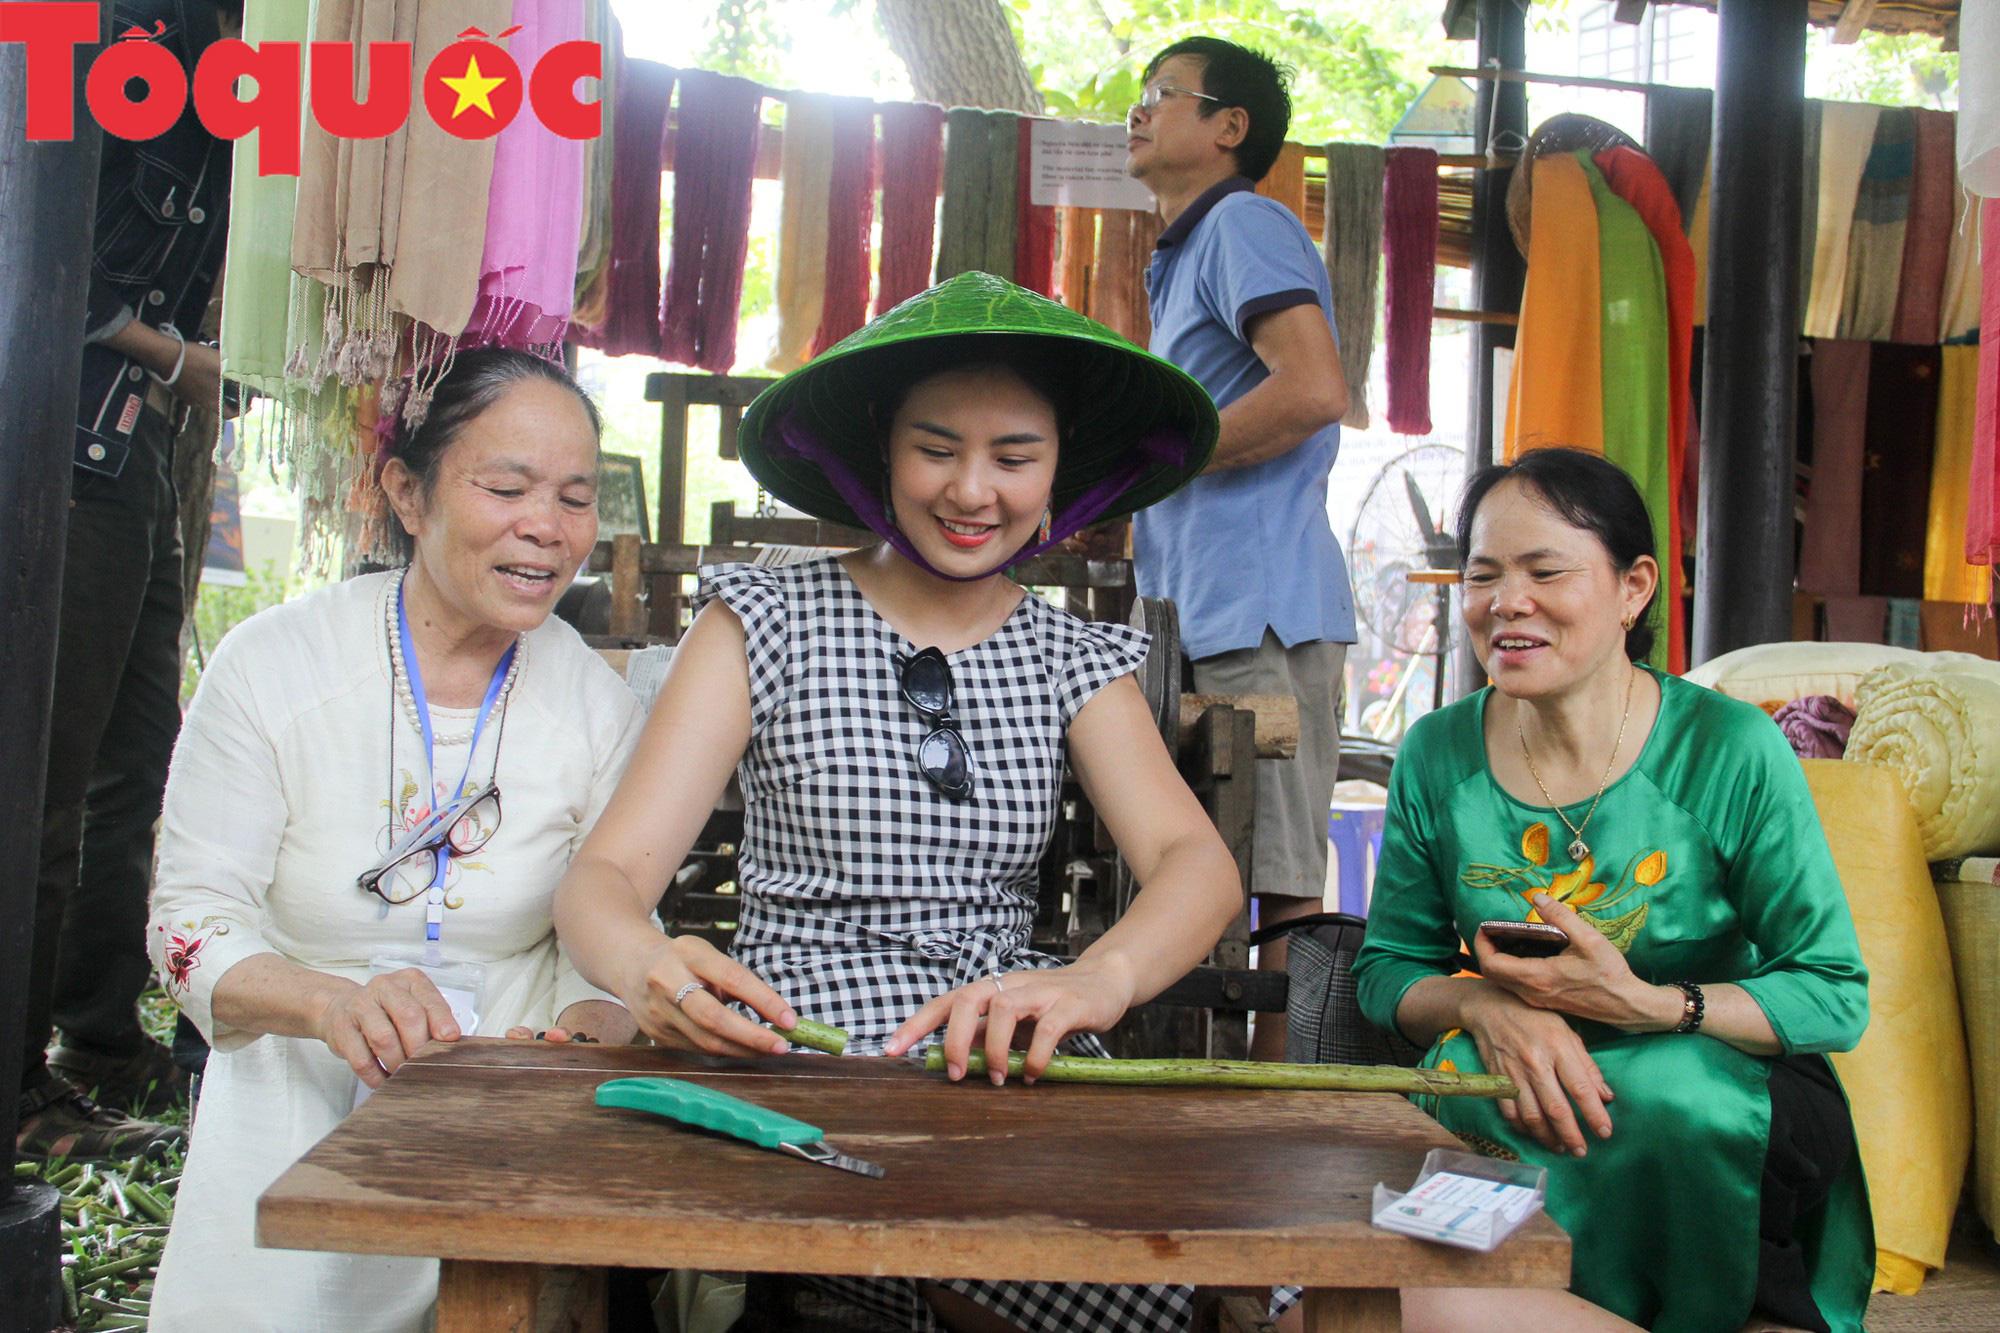 Tinh hoa làng nghề Việt hội tụ bên dòng sông Hương - Ảnh 9.